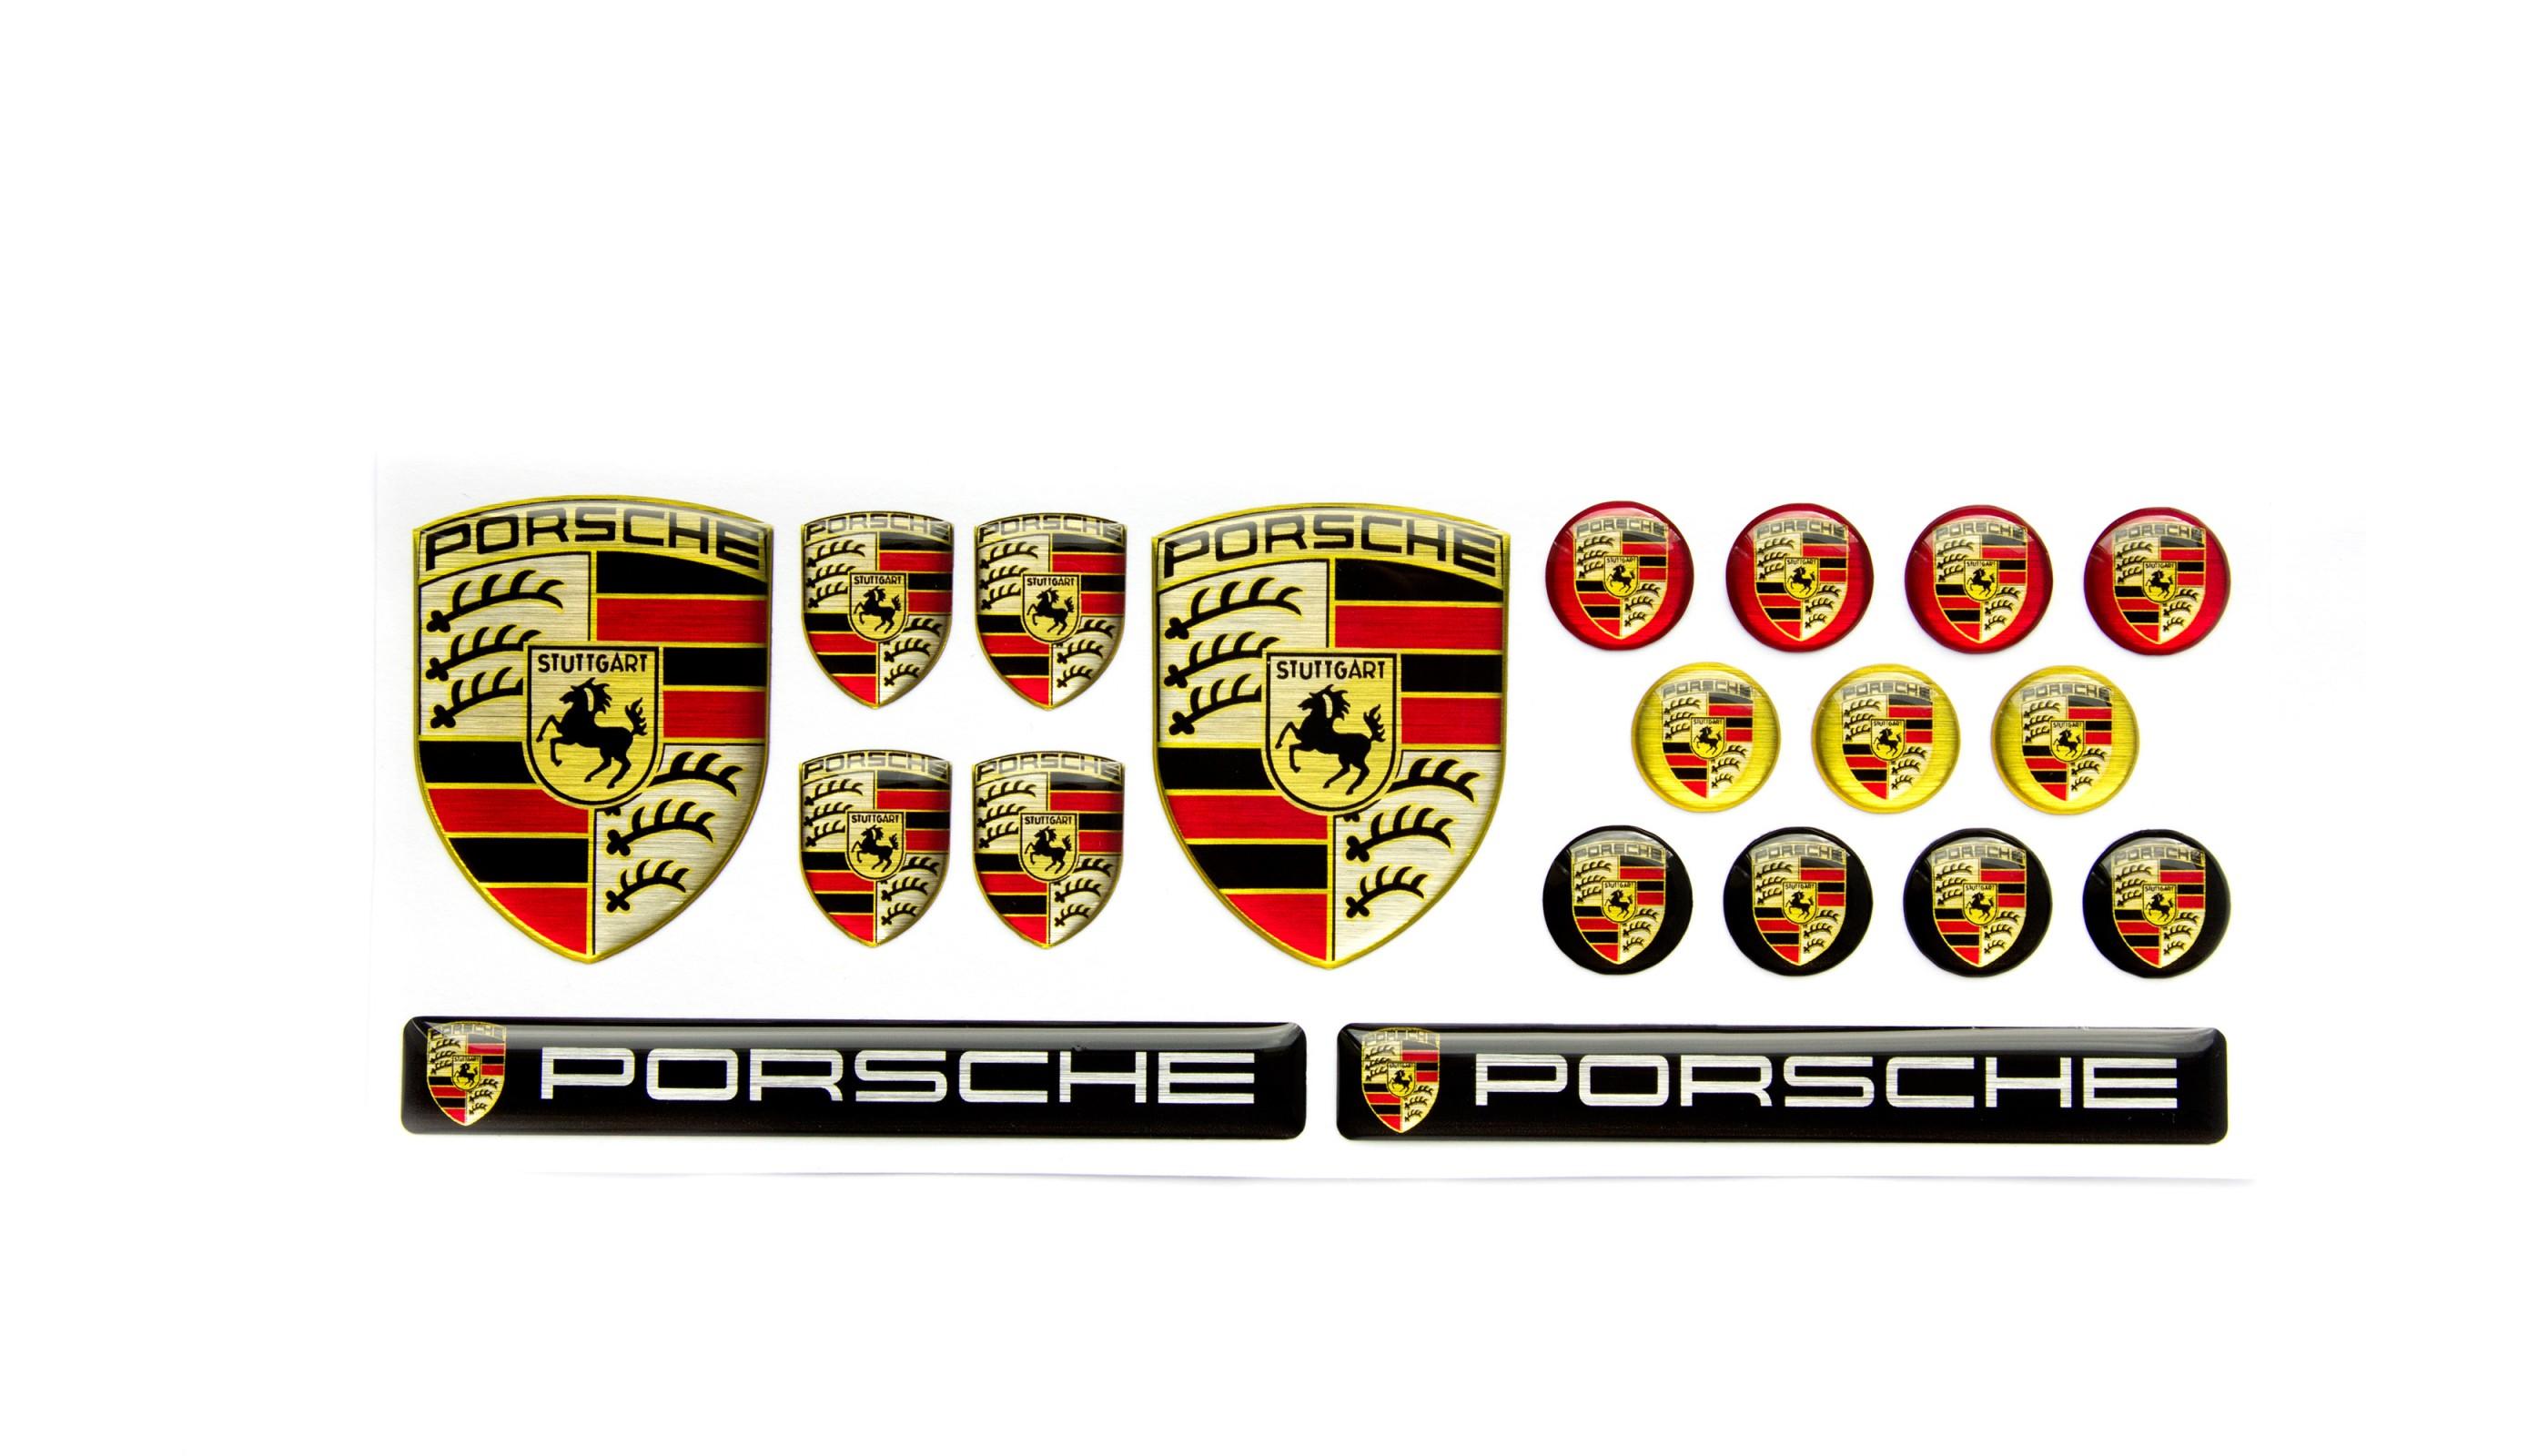 porsche emblems big set